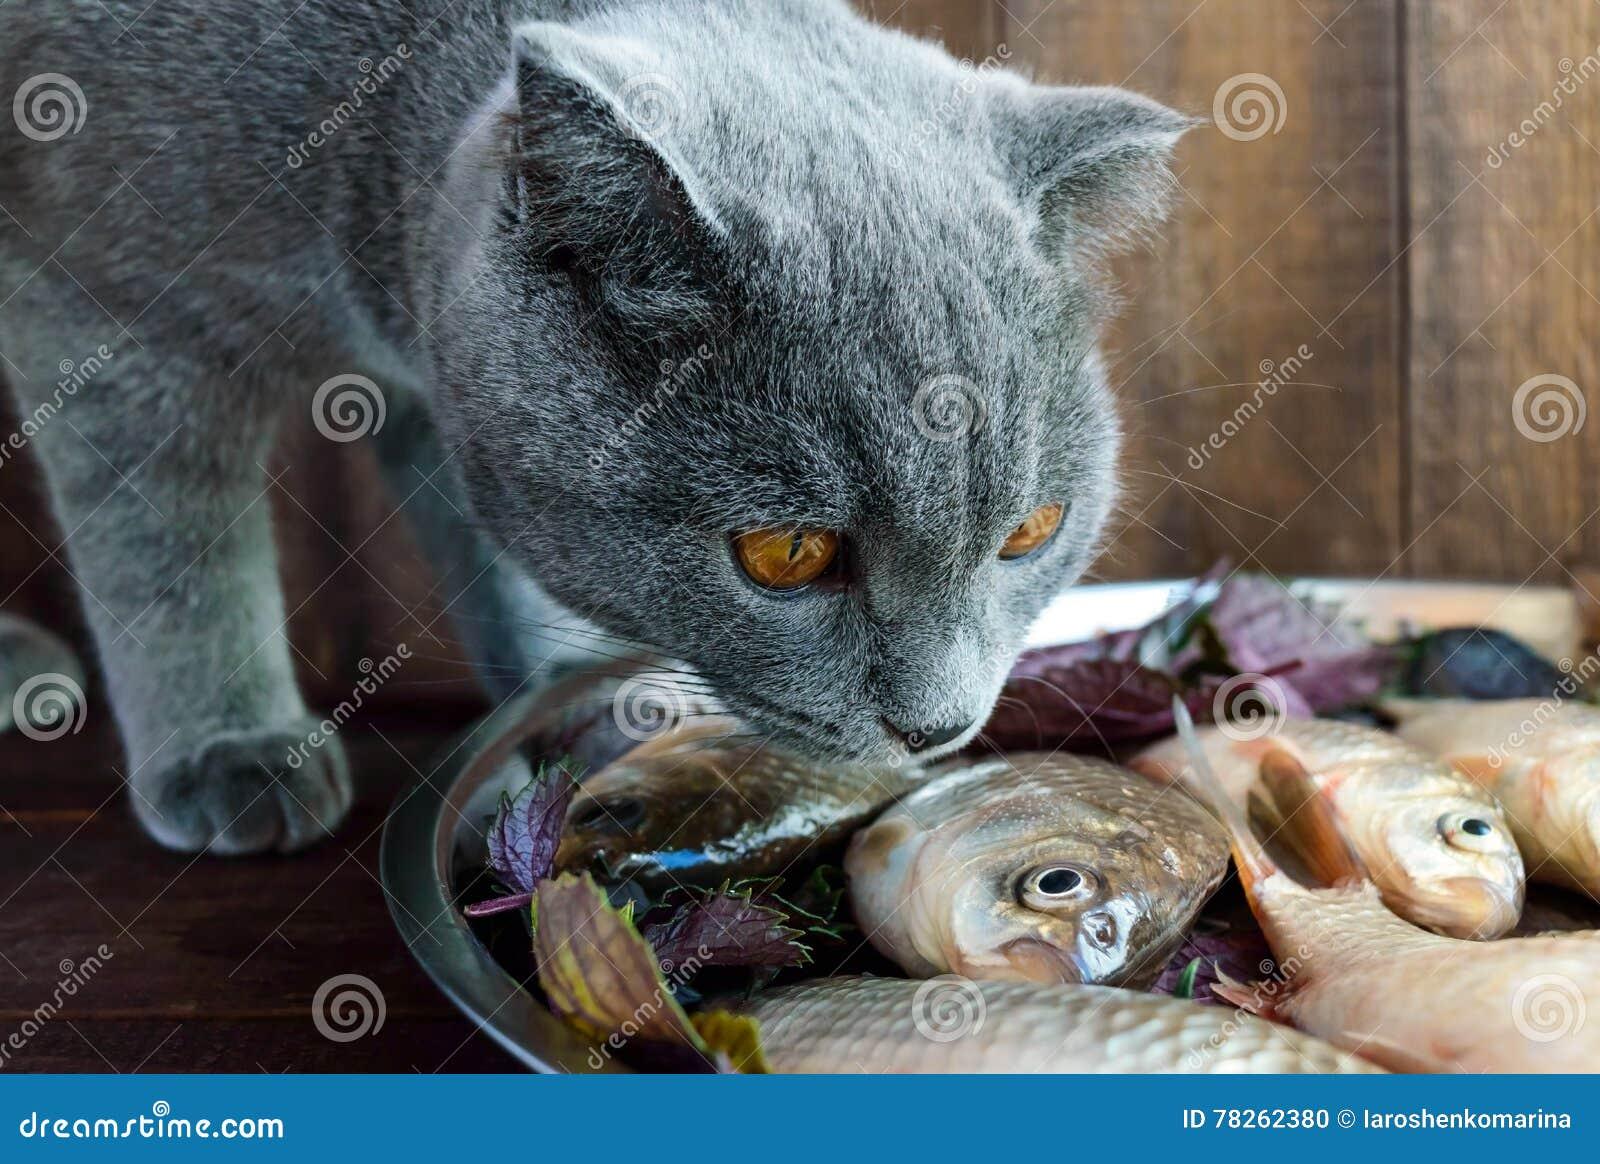 Verse vangst levende vissen & x28; carp& x29; en een kat die het wil eten